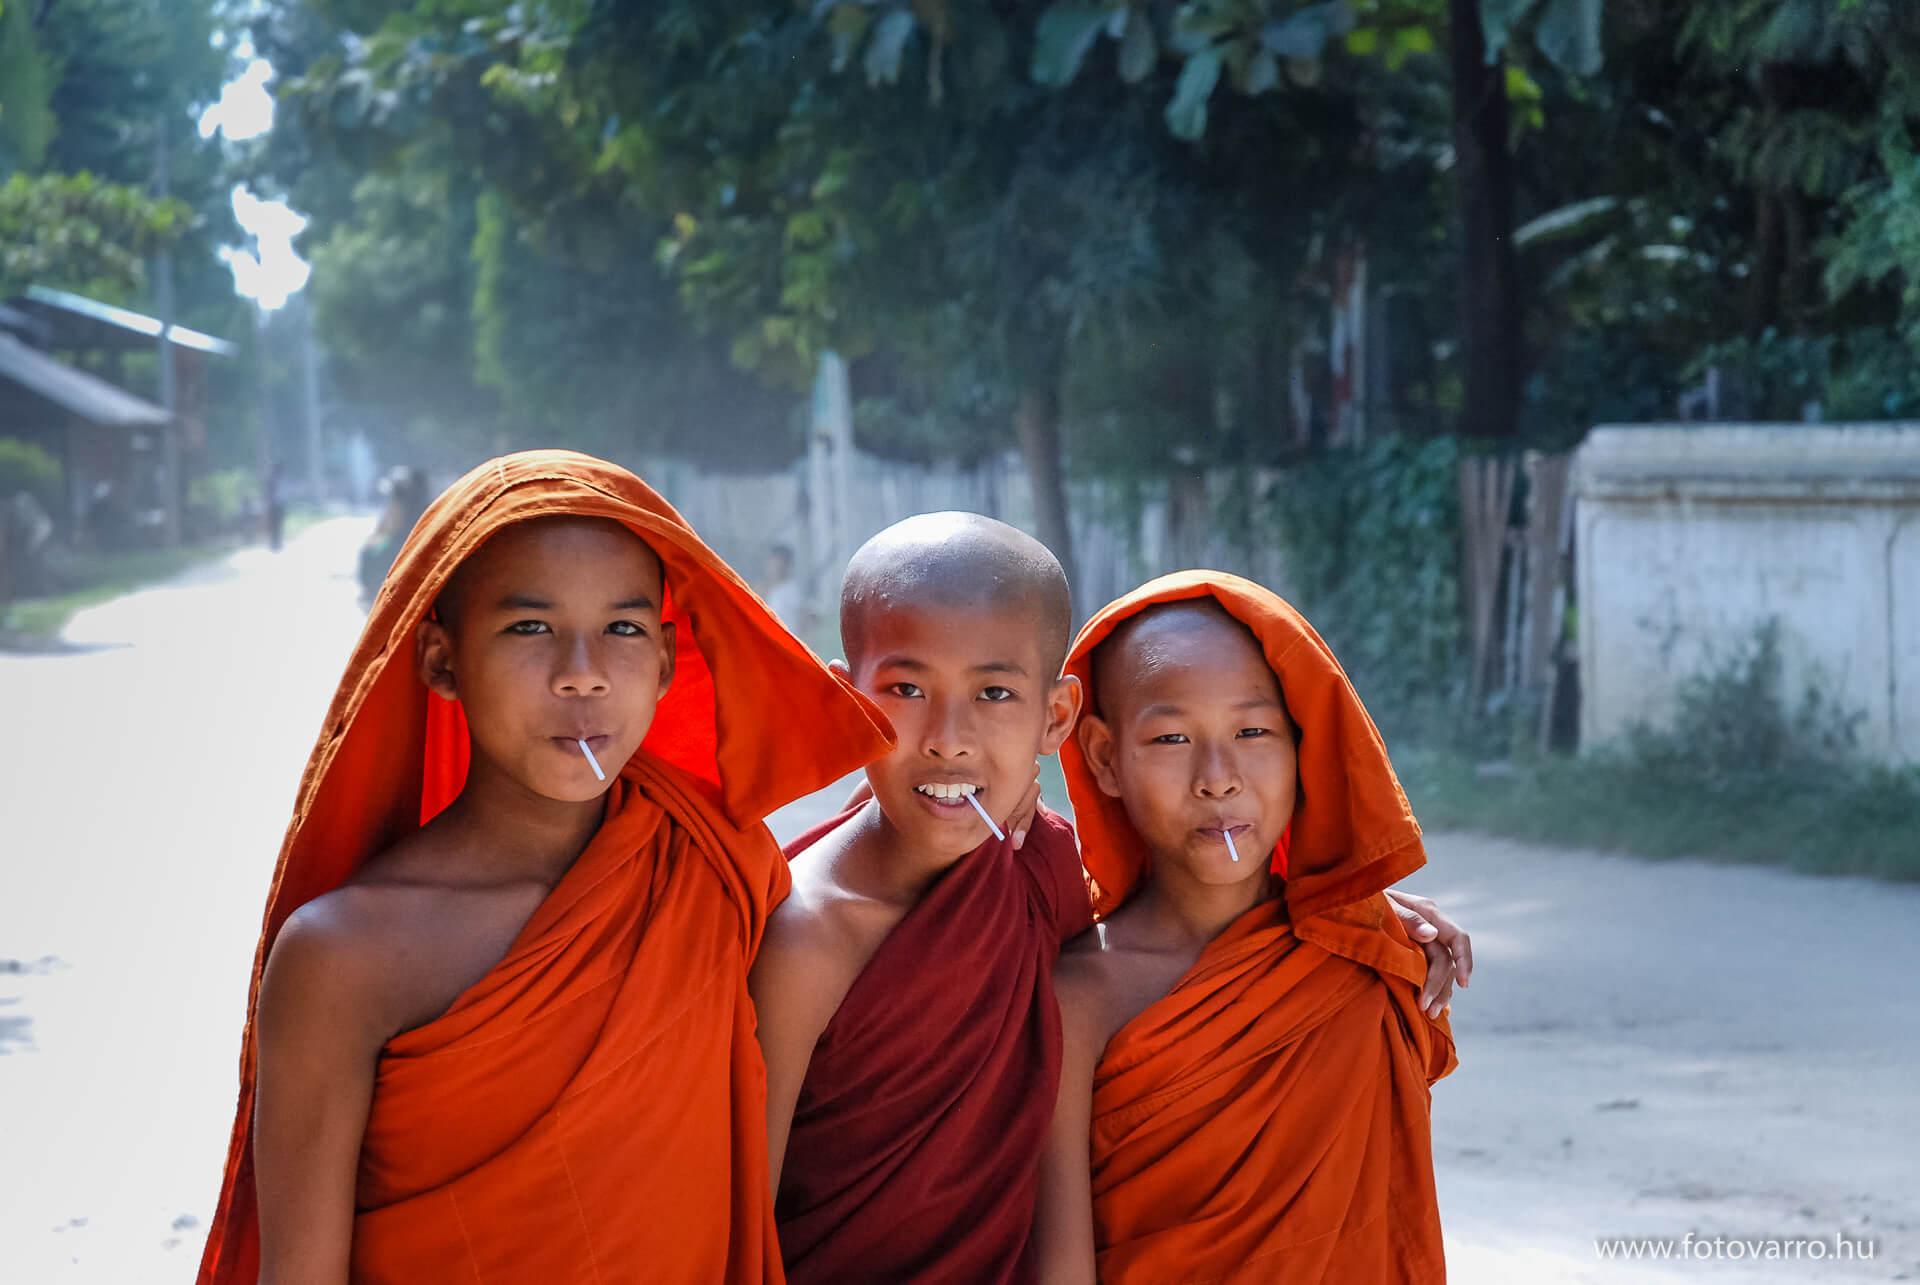 Burma_fotovarro_12